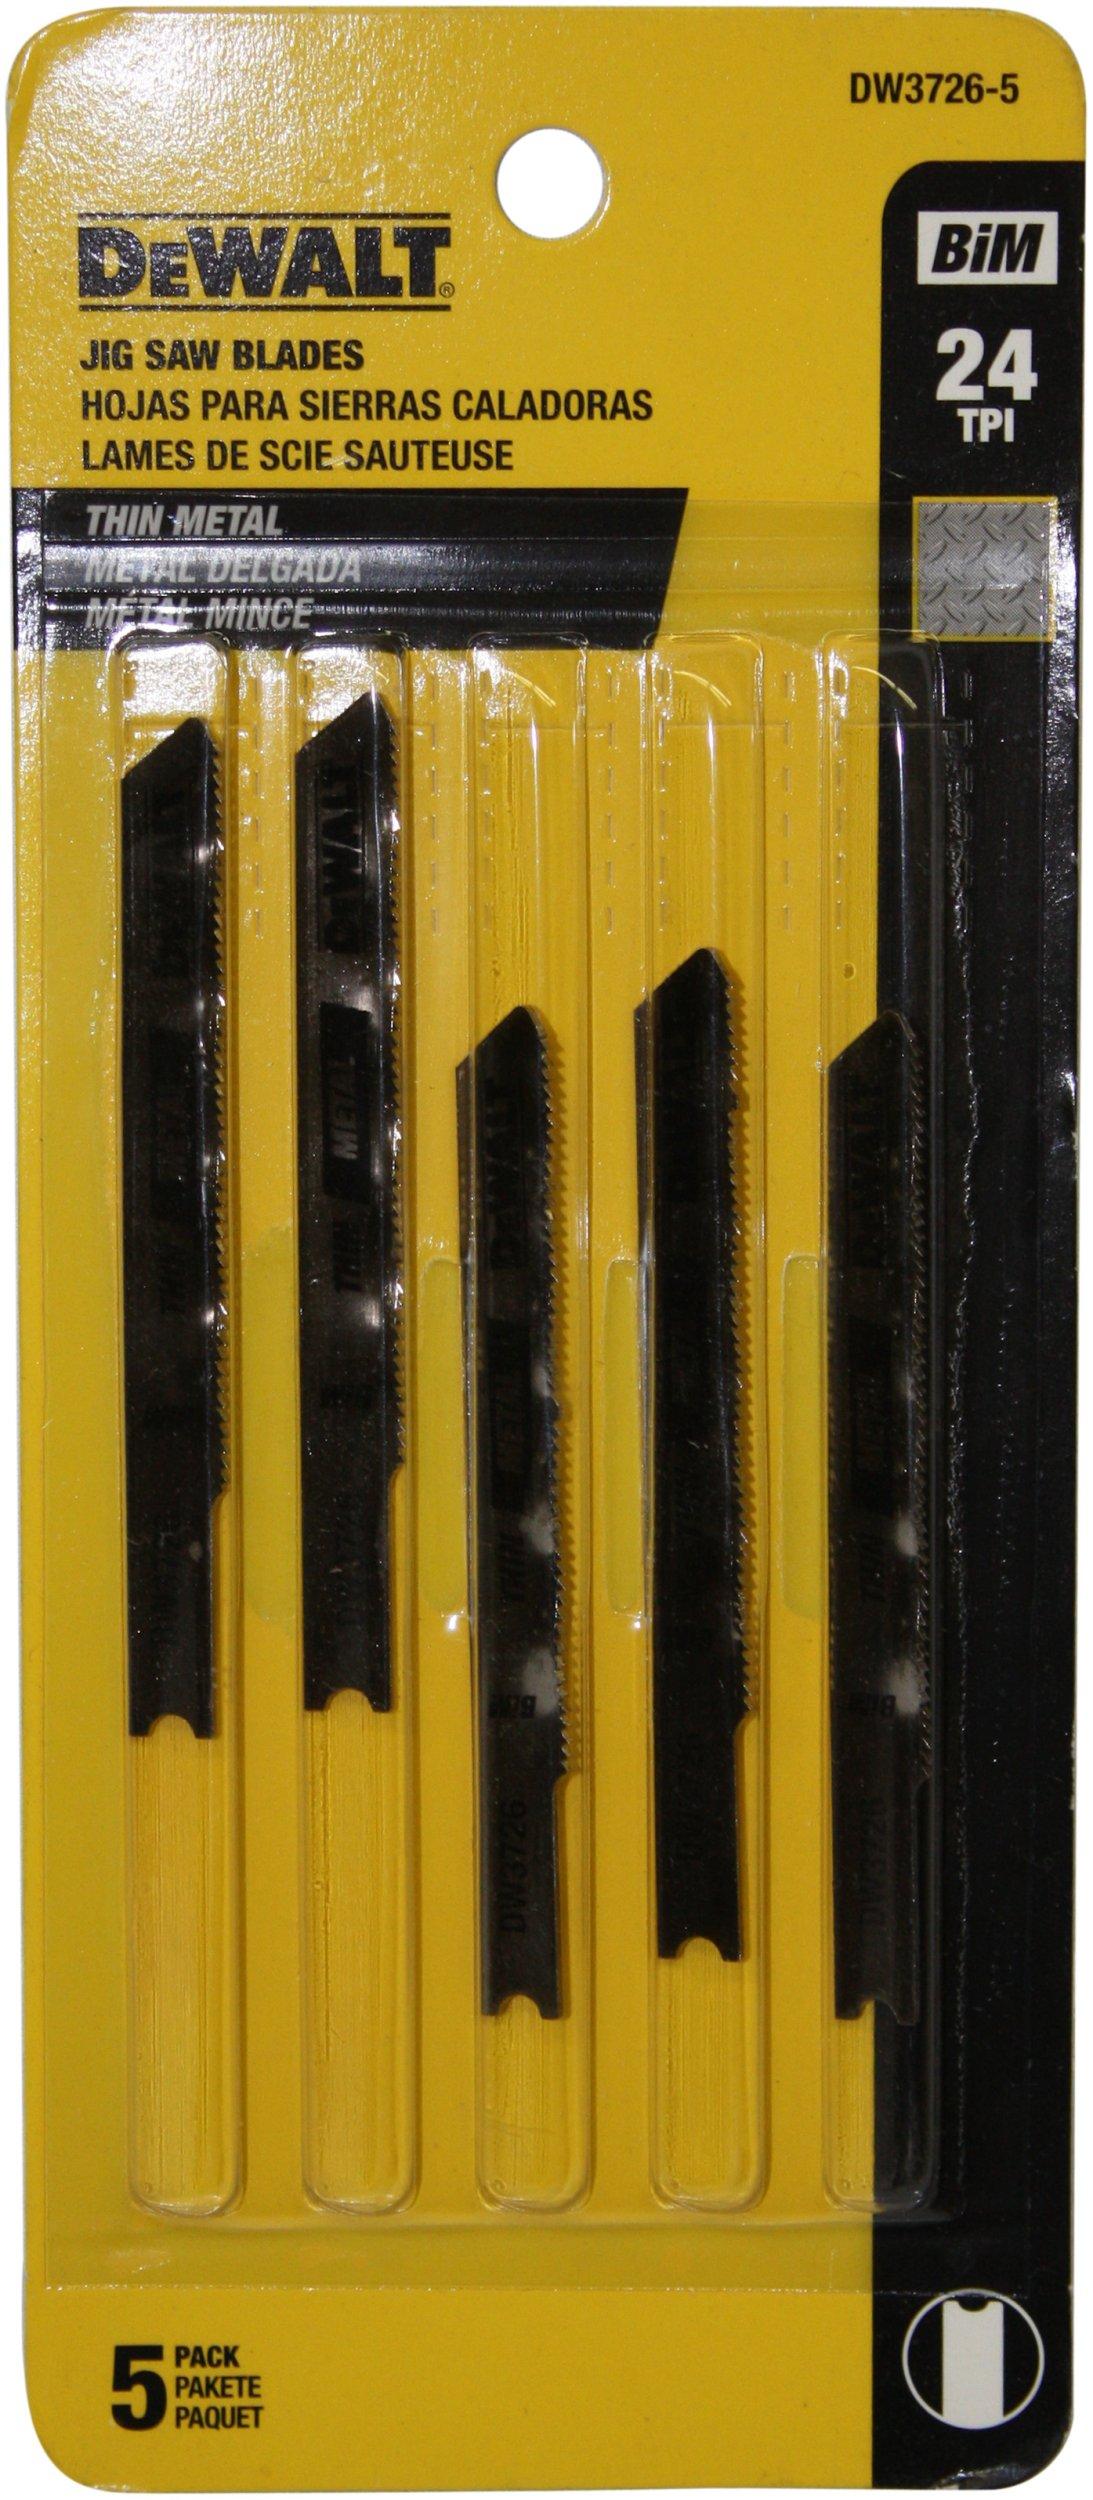 DEWALT DW3726-5 3-Inch 24 TPI Thin Metal Cut Cobalt Steel U-Shank Jig Saw Blade (5-Pack)